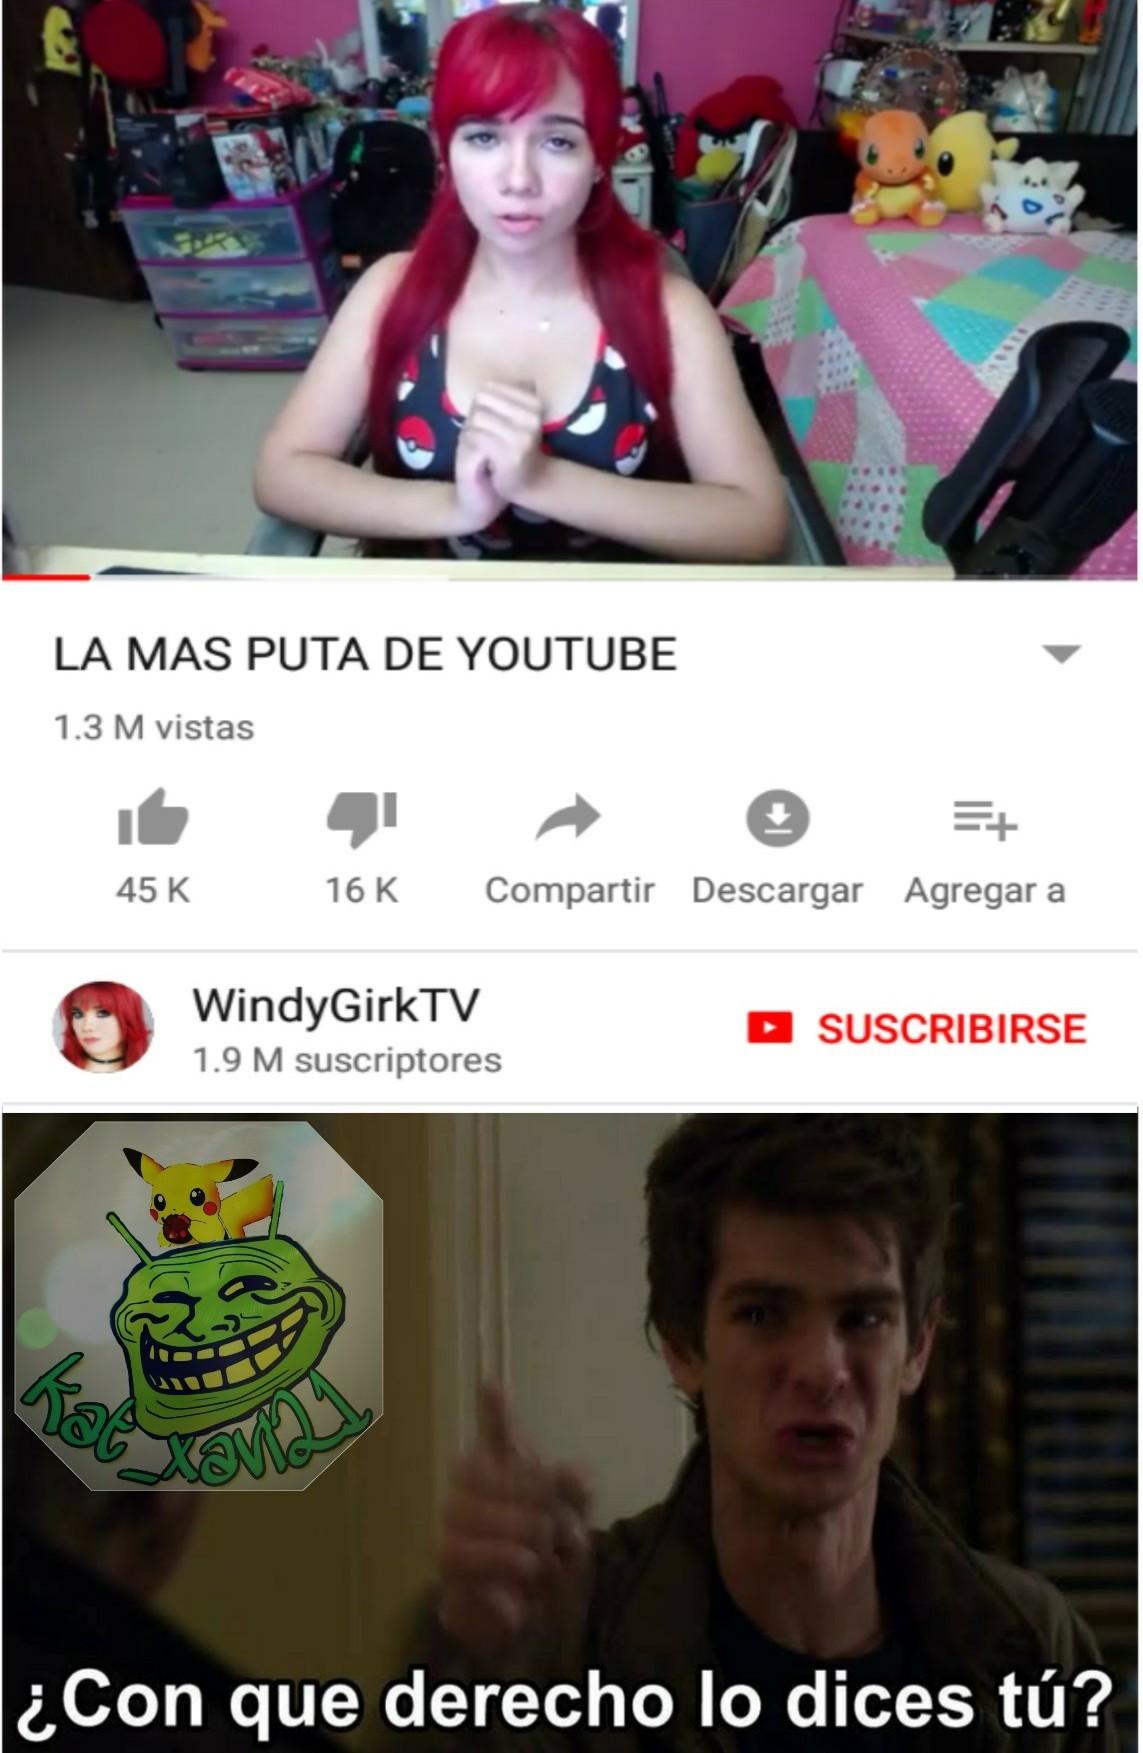 Lo que uno se encuentra en Youtube. - meme